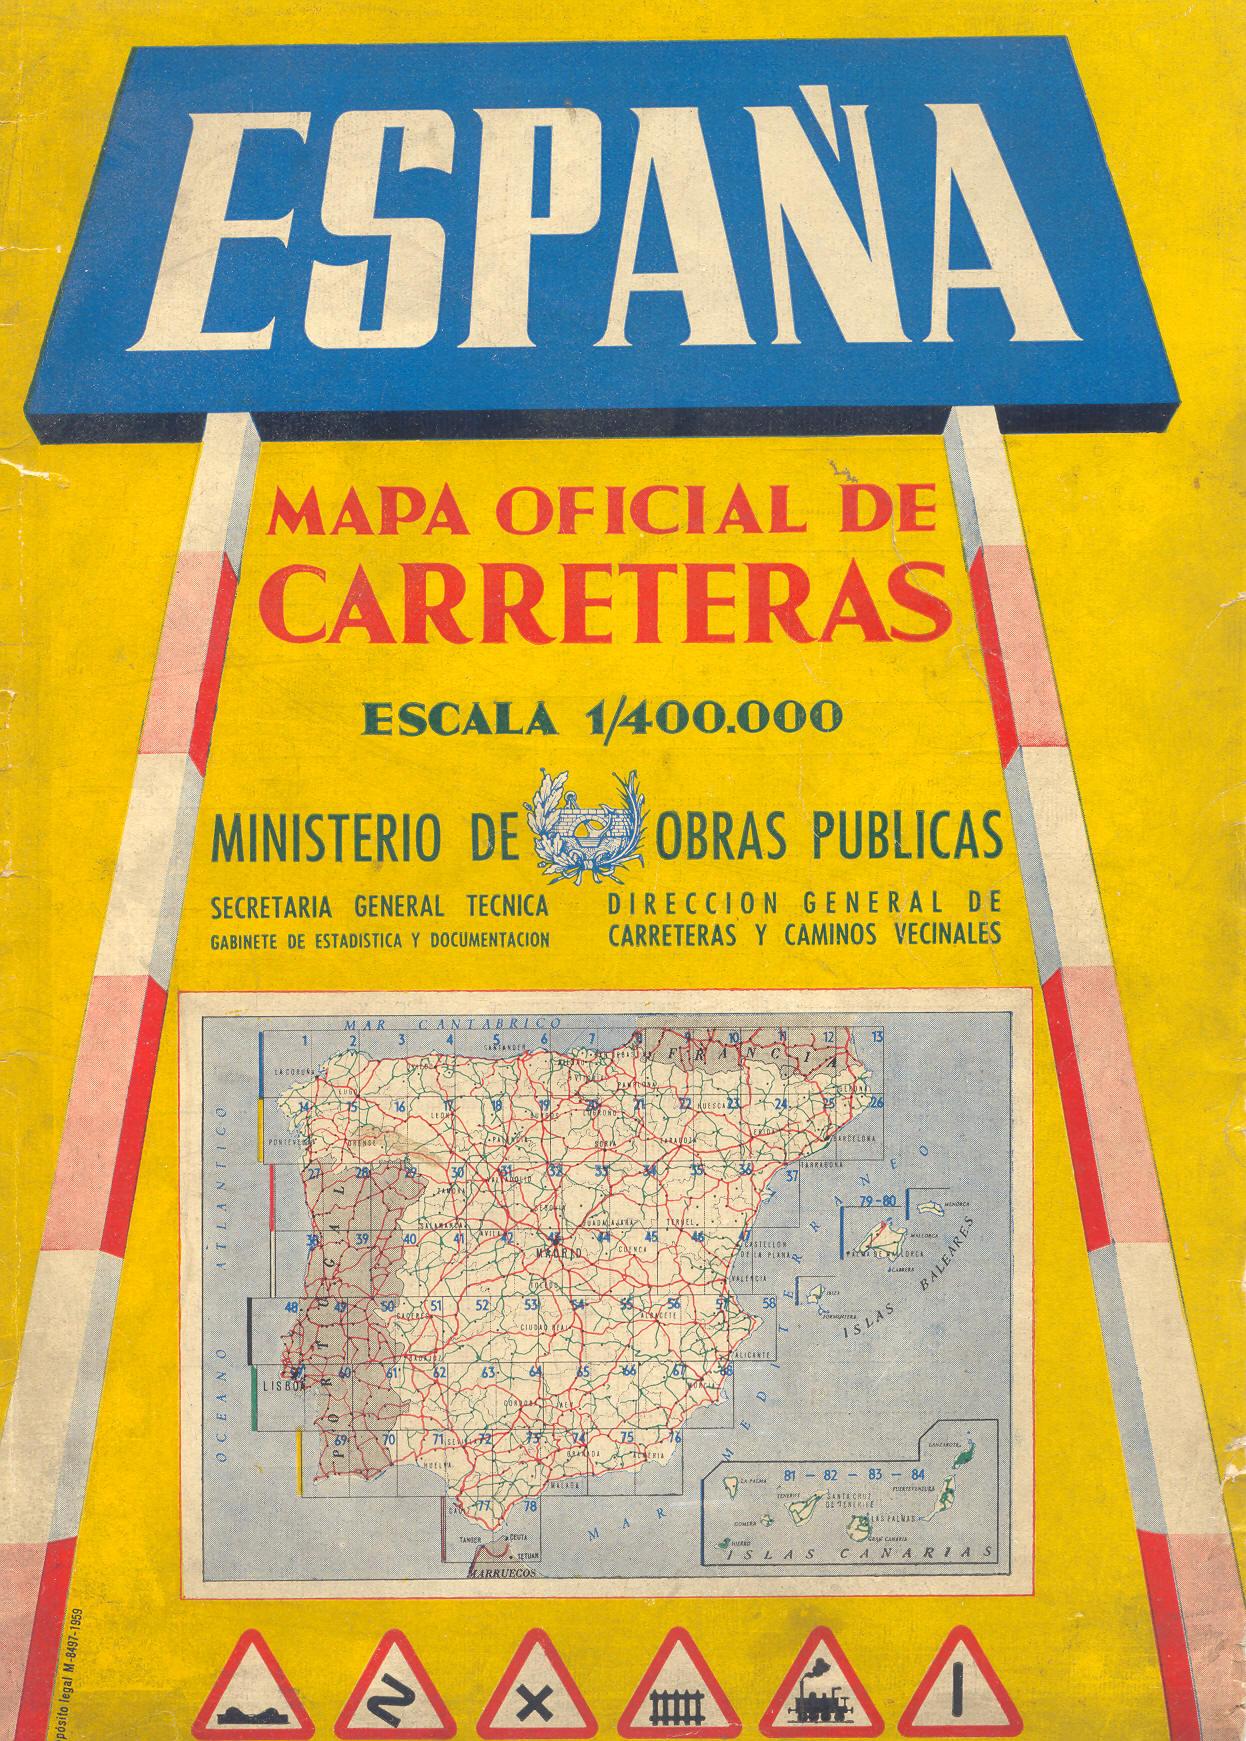 Mapa oficial de carreteras de España 1959